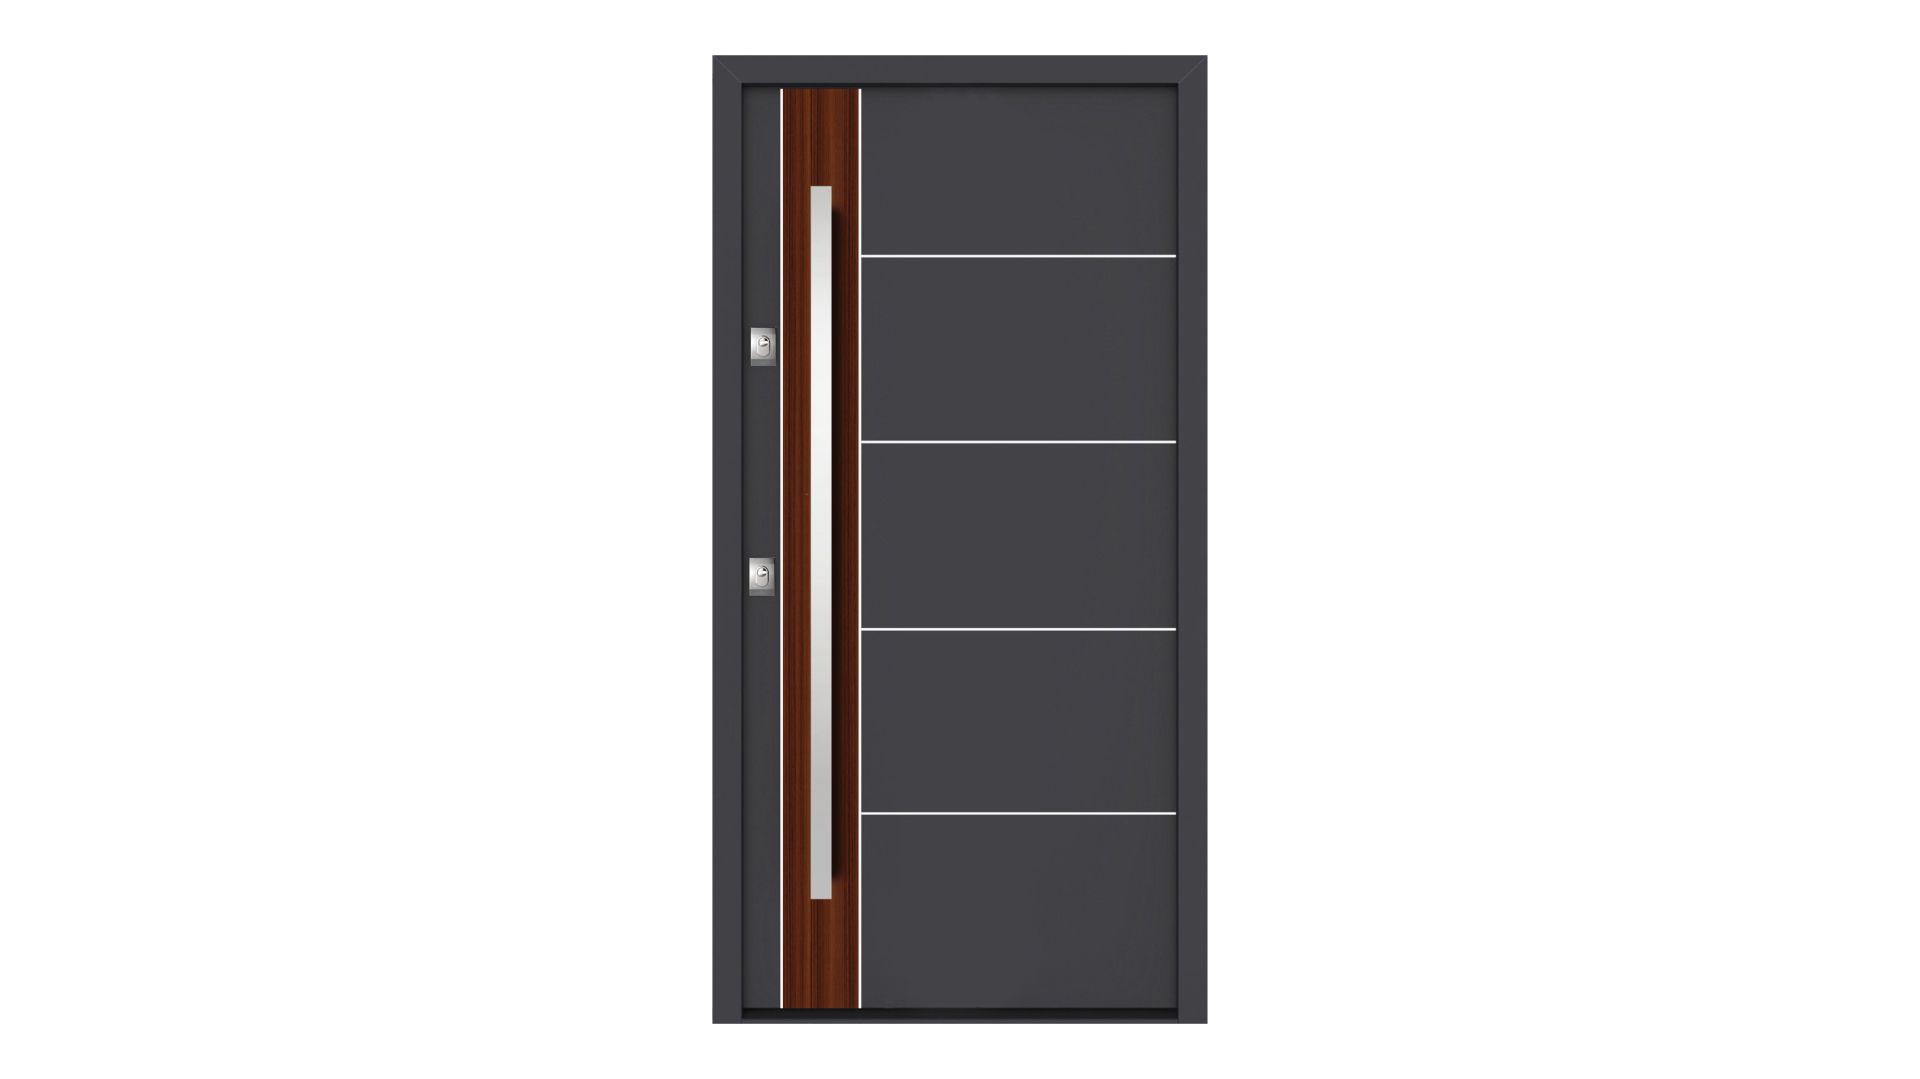 Drzwi wejściowe zewnętrzne antywłamaniowe Gerda NTT 50 linia QUADRO wzór . Produkt zgłoszony do konkursu Dobry Design 2018.